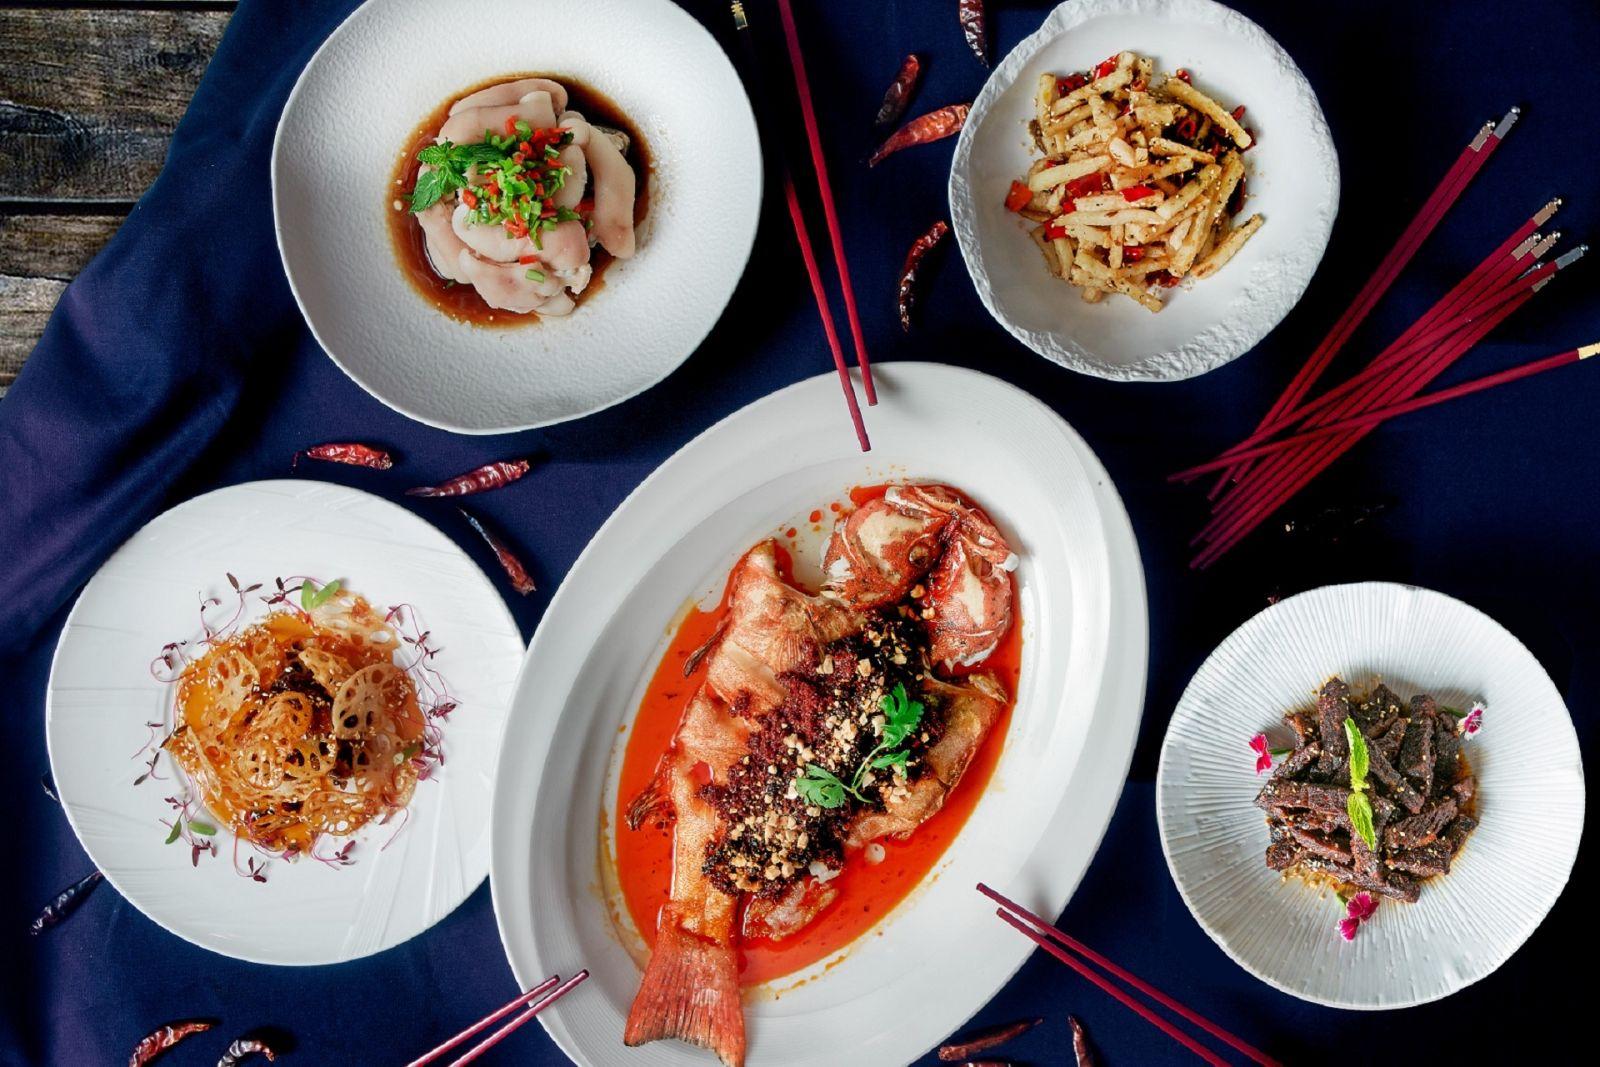 【川菜廰】嗆鍋魚鮮美上桌 米其林推薦國賓川菜廳再推新菜